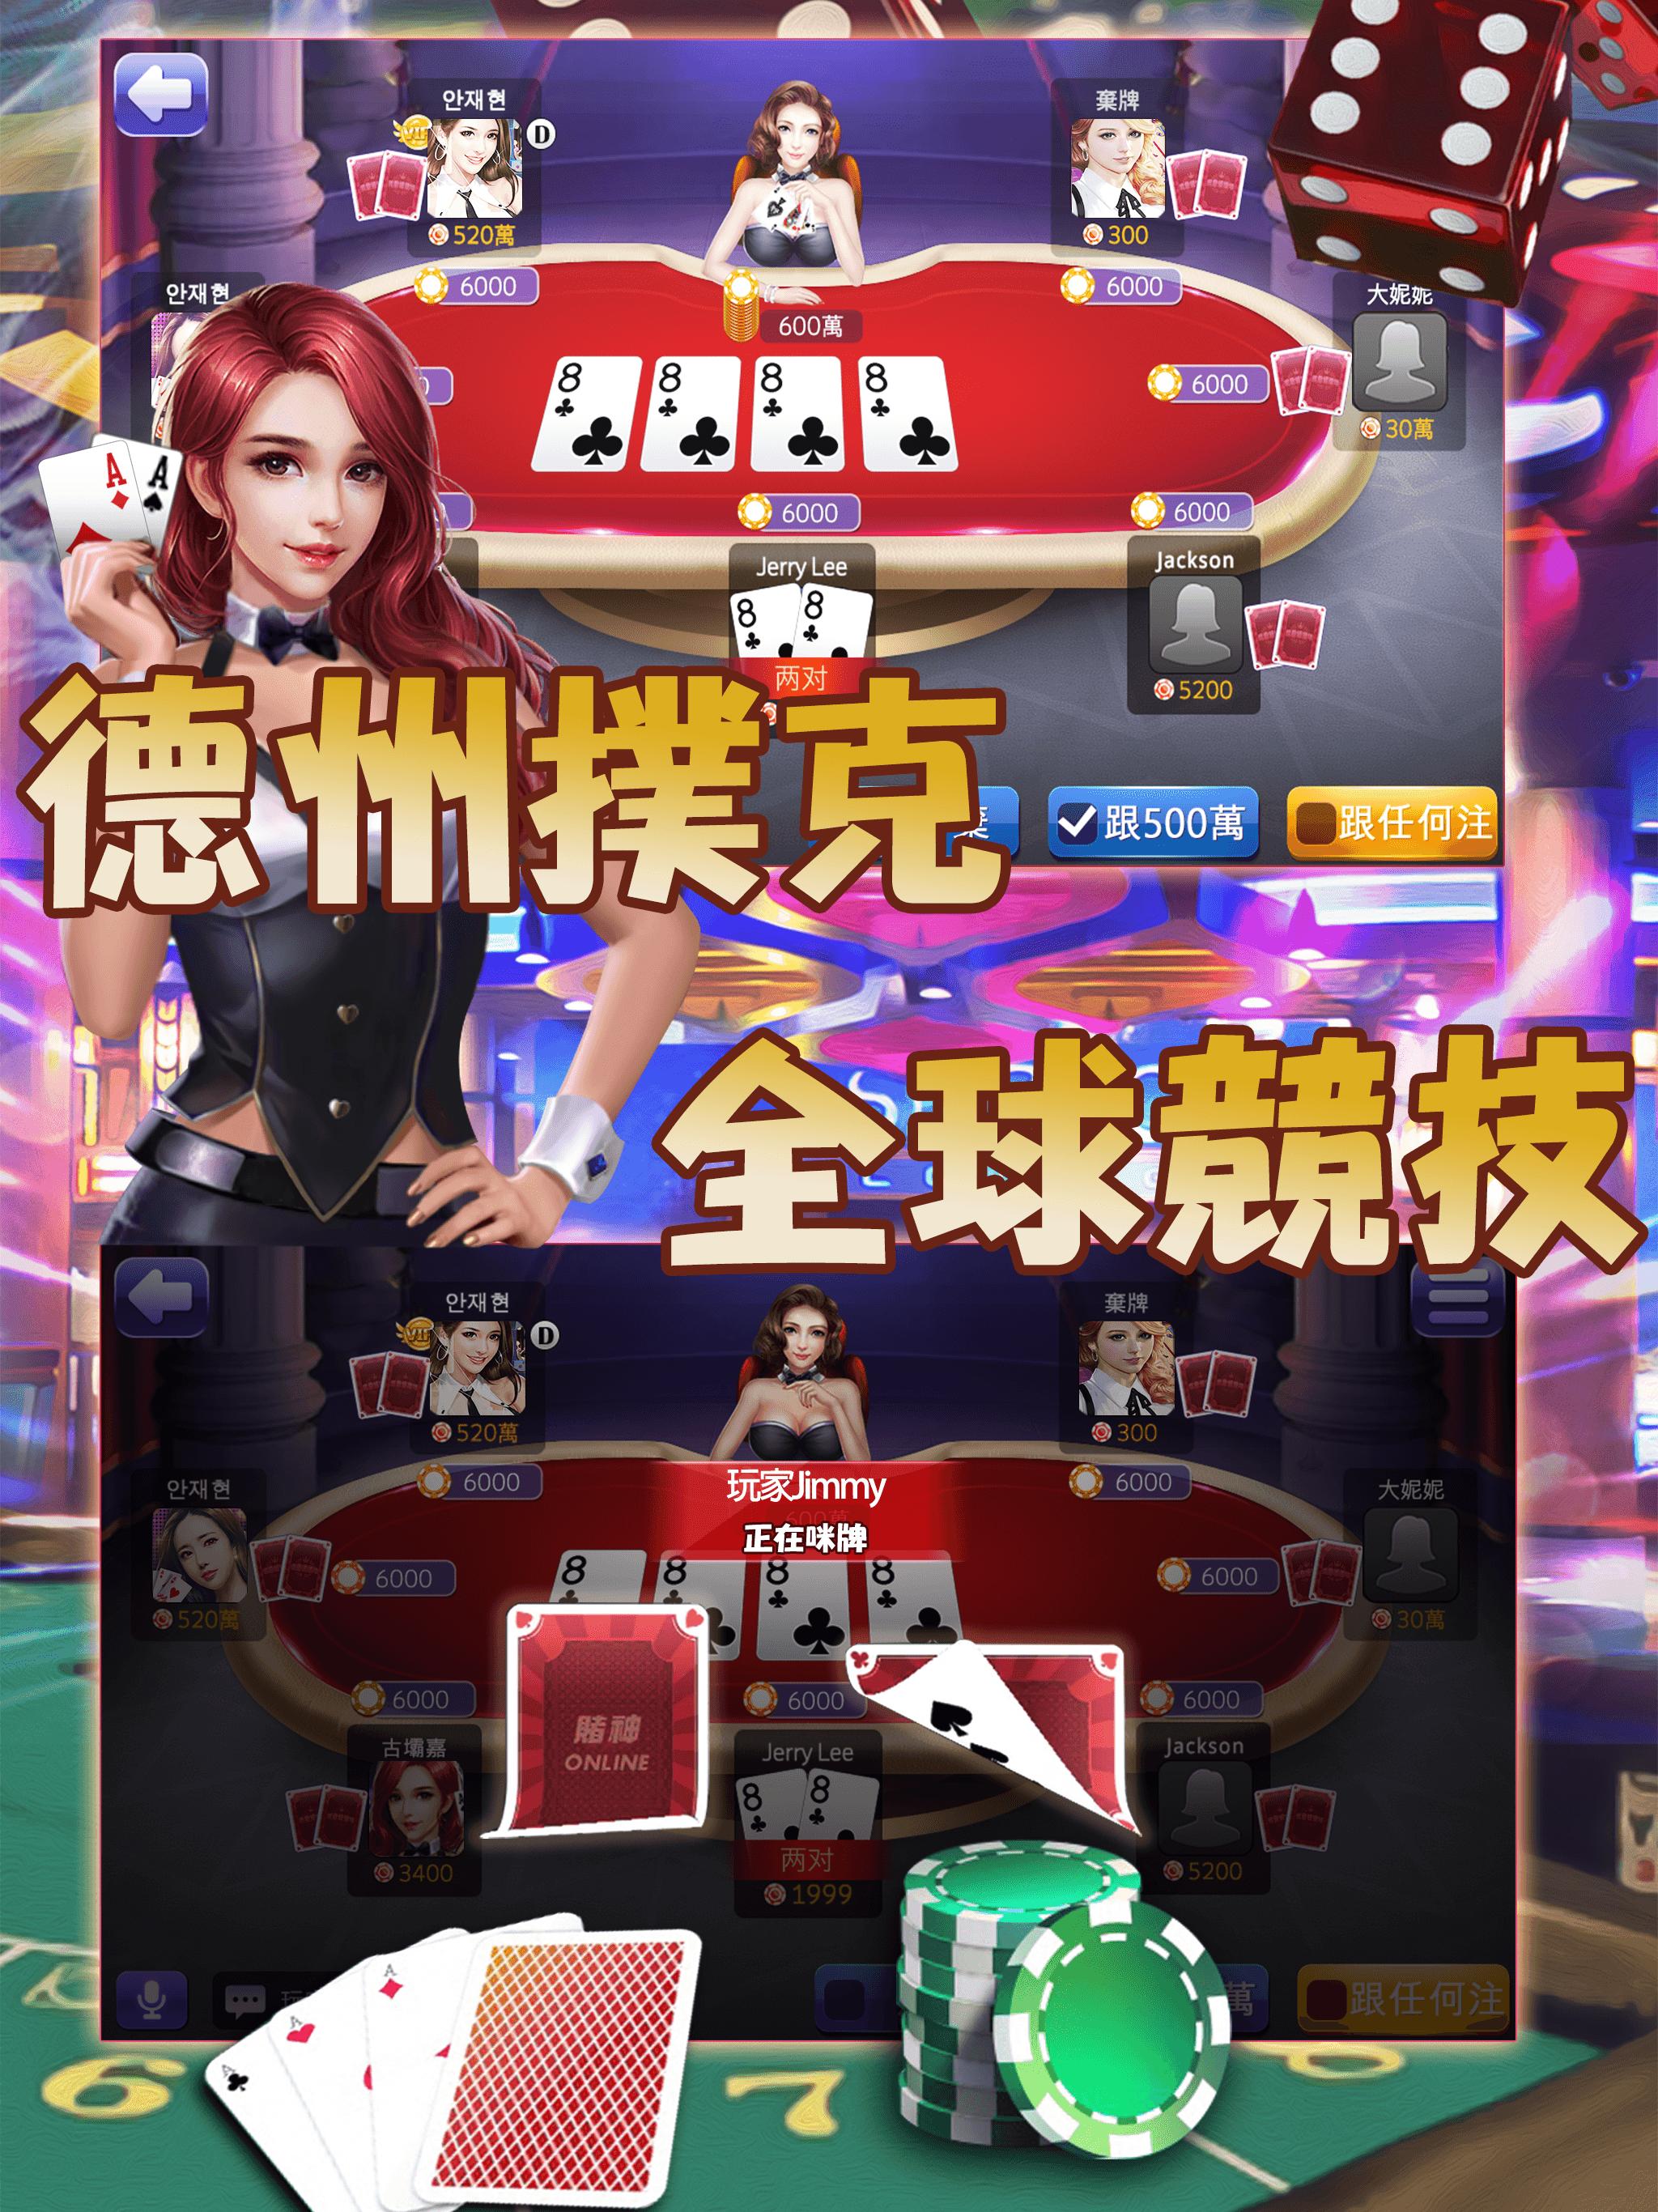 lotto 6 aus 49 jackpot ausschüttung